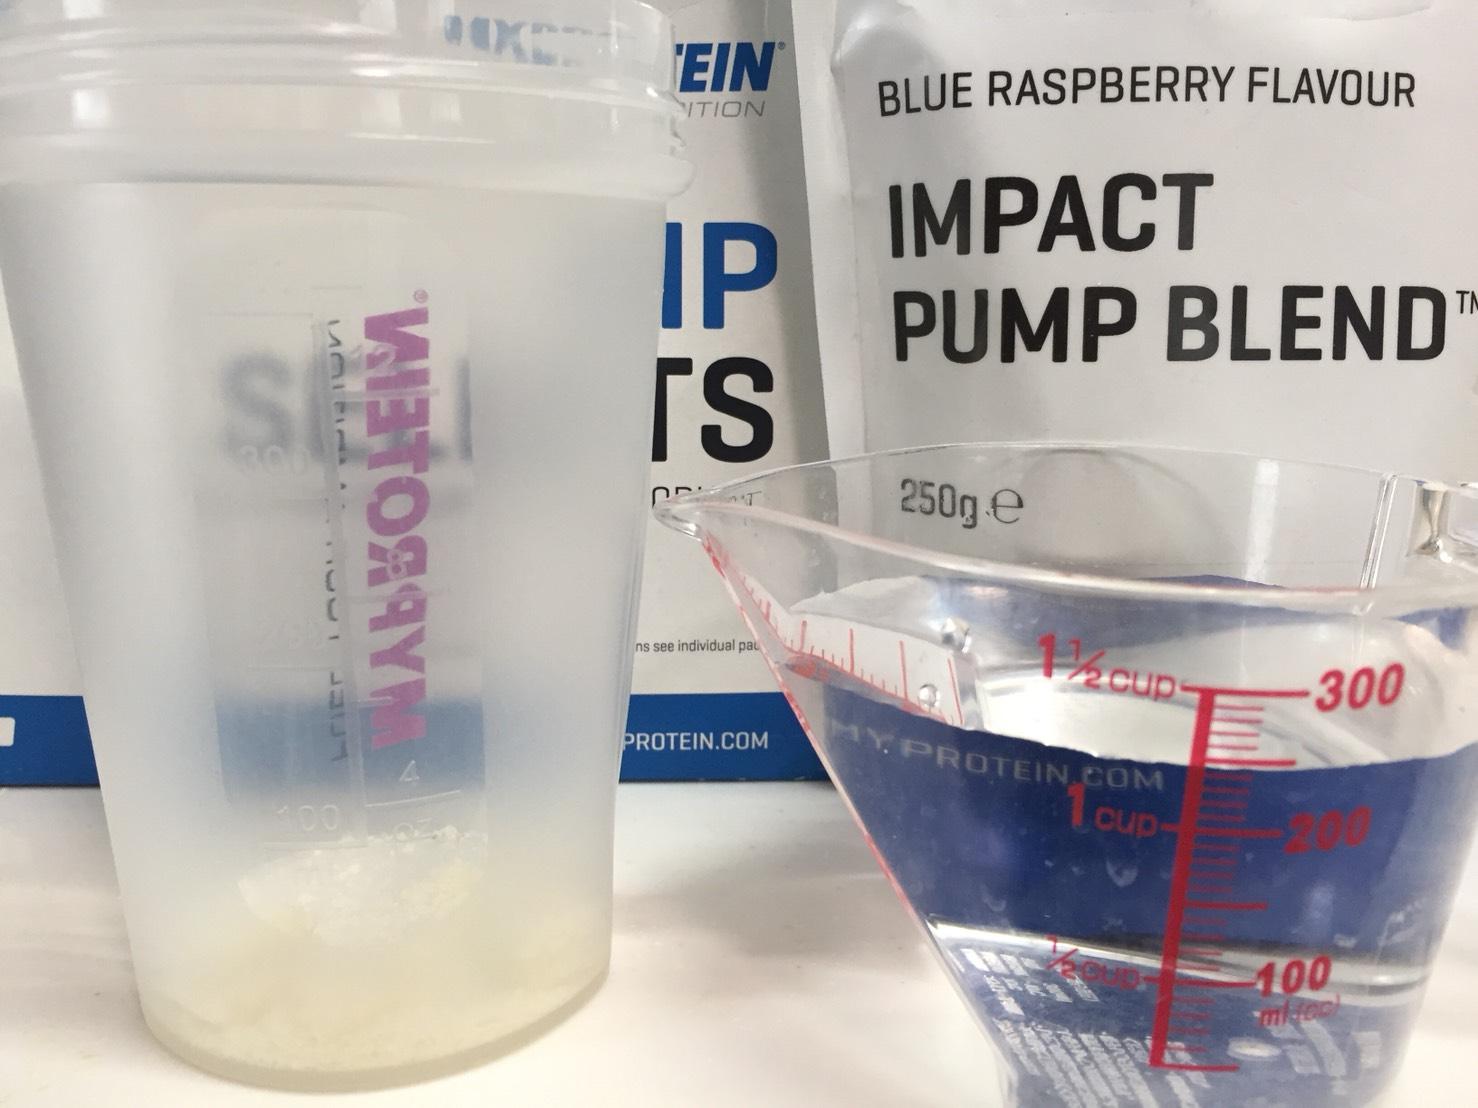 IMPACTパンプブレンド「BLUE RASPBERRY FLAVOUR(ブルーラズベリー味)」を250mlの水に溶かしていきます。